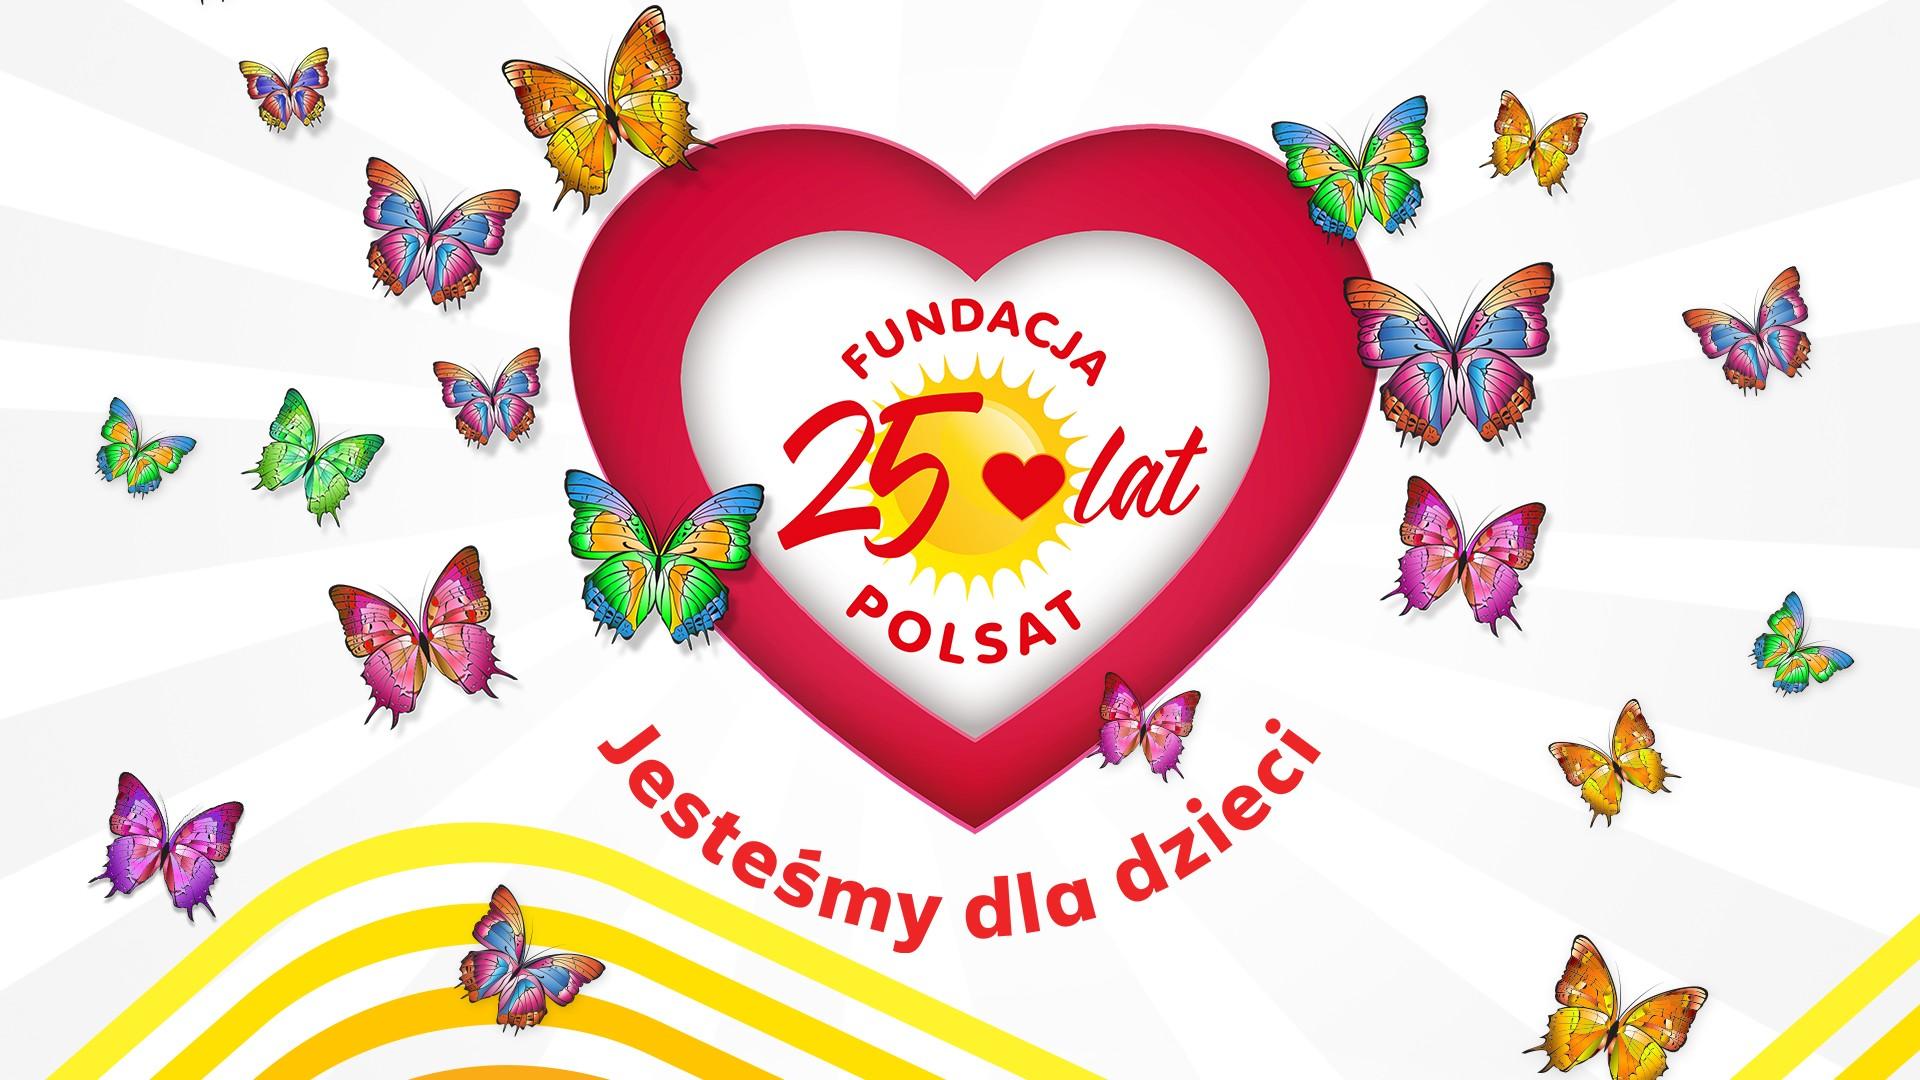 """Koncert """"Fundacja Polsat 25 lat. Jesteśmy dla dzieci"""""""